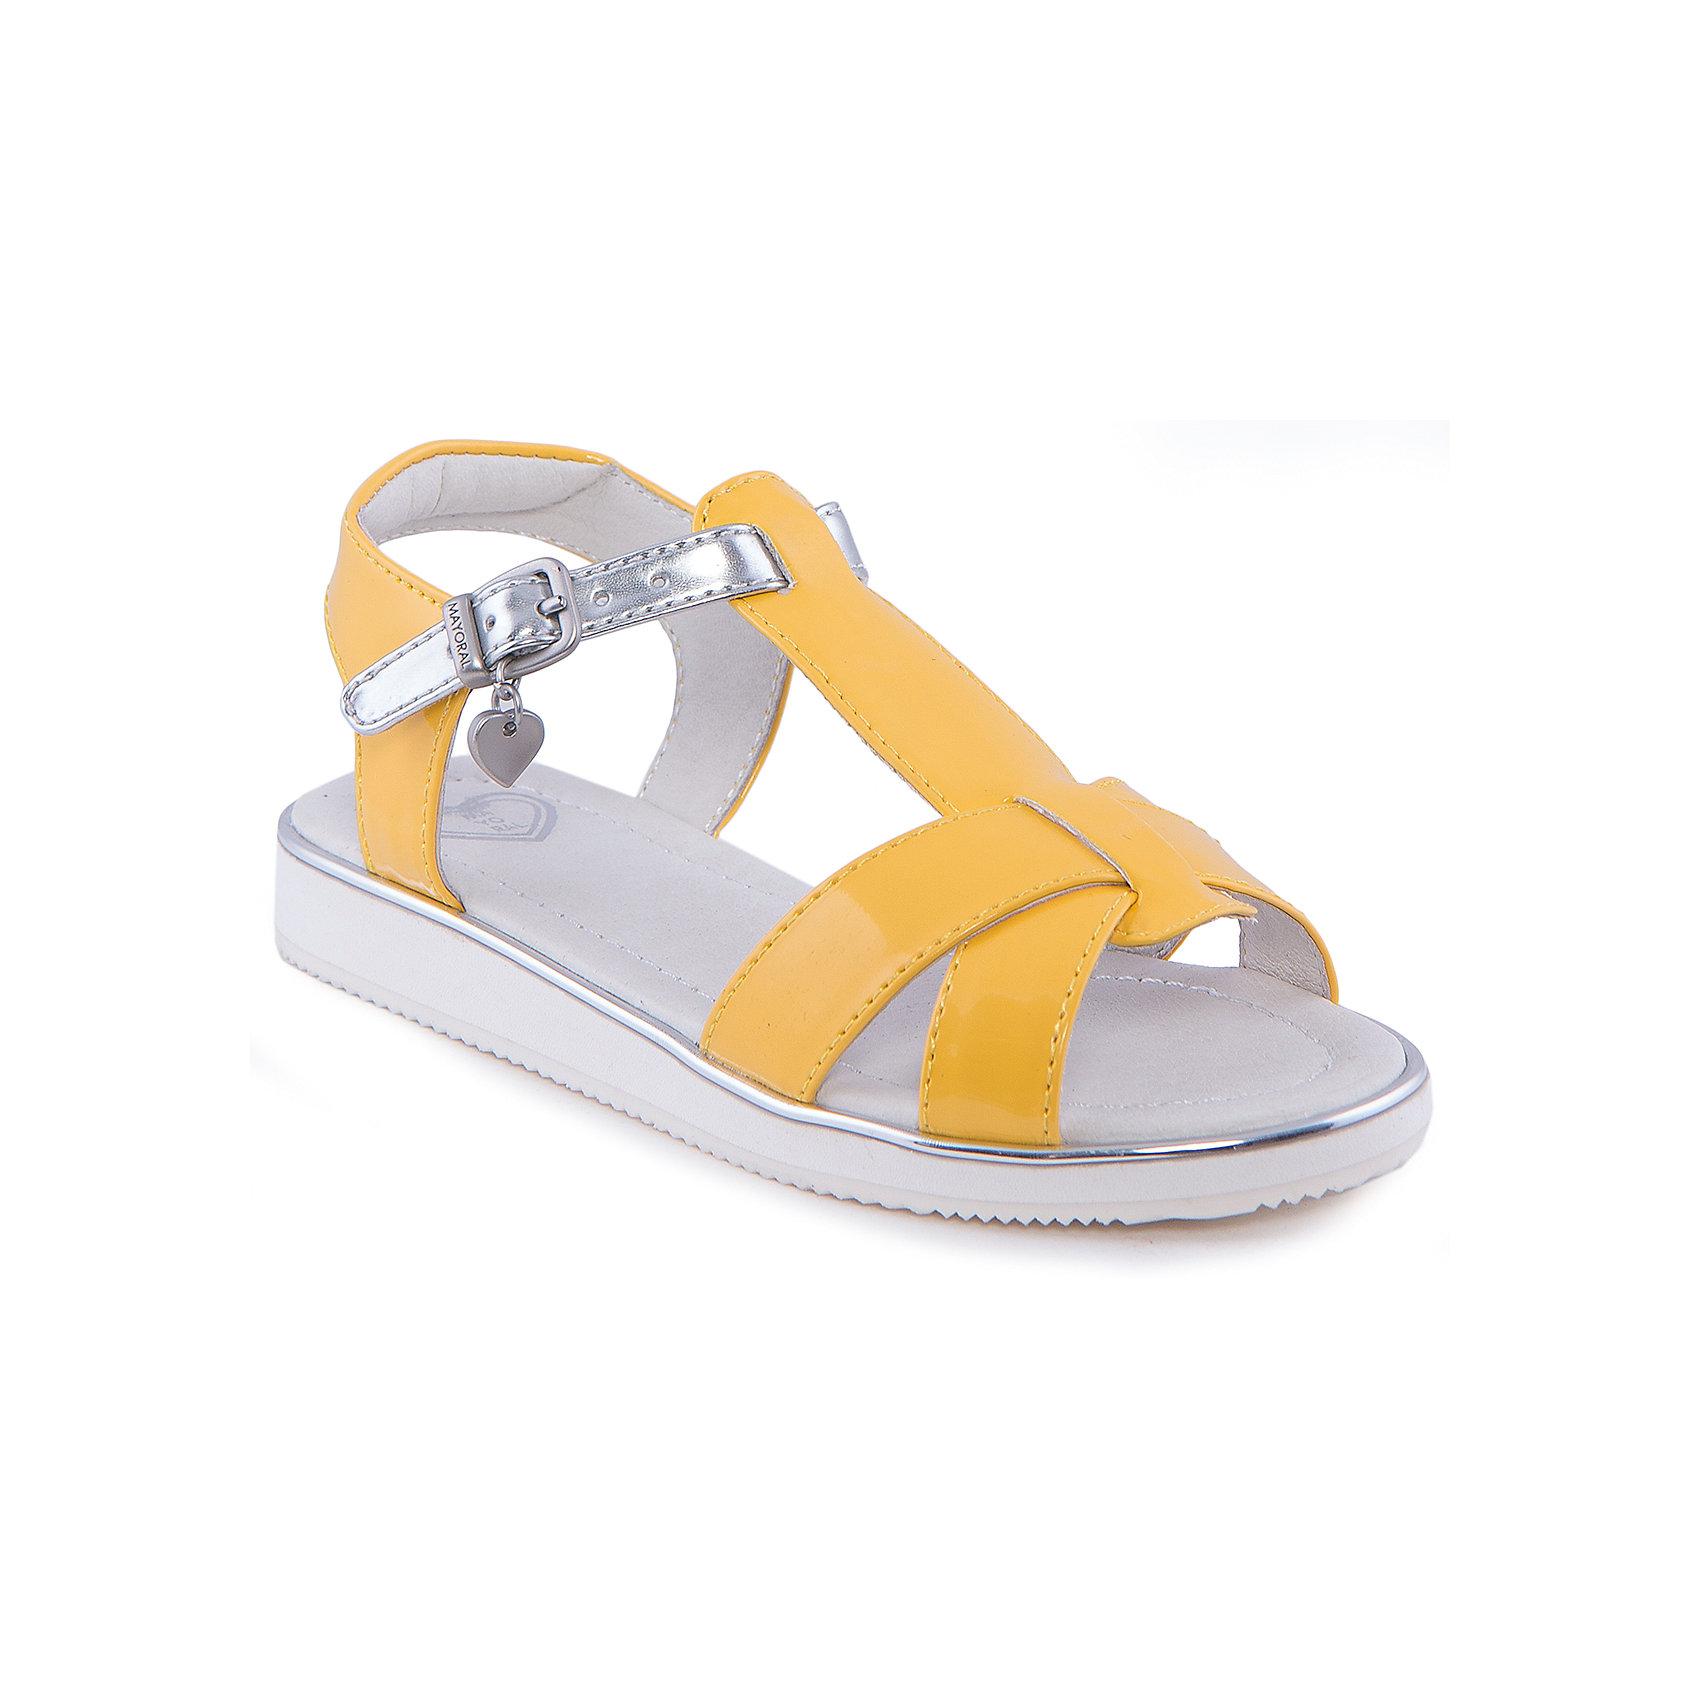 Сандалии для девочки  MayoralСандалии для девочки от известной марки Mayoral.<br><br>Яркие удобные сандалии дополнят образ девочки в новом весенне-летнем сезоне. Эта модель разработала специально для девочек, любящих платья и юбки - именно с женственными моделями такие туфли смотрятся особенно хорошо. Сделаны они из легкого, но прочного материала. Комфортно садятся по ноге и не натирают.<br><br>Особенности модели:<br><br>- цвет: желтый;<br>- плоская нескользящая подошва;<br>- материал - лакированная искусственная кожа;<br>- застежка-ремешок;<br>- подошва толстая;<br>- сбоку - металлический логотип в виде сердца.<br><br>Дополнительная информация:<br><br>Состав: верх - искусственная кожа;<br>стелька - натуральная кожа;<br>подошва - полиуретан.<br><br>Сандалии для девочки от Mayoral (Майорал) можно купить в нашем магазине.<br><br>Ширина мм: 219<br>Глубина мм: 154<br>Высота мм: 121<br>Вес г: 343<br>Цвет: желтый<br>Возраст от месяцев: 60<br>Возраст до месяцев: 72<br>Пол: Женский<br>Возраст: Детский<br>Размер: 29,27,31,26,28,32,30<br>SKU: 4539906